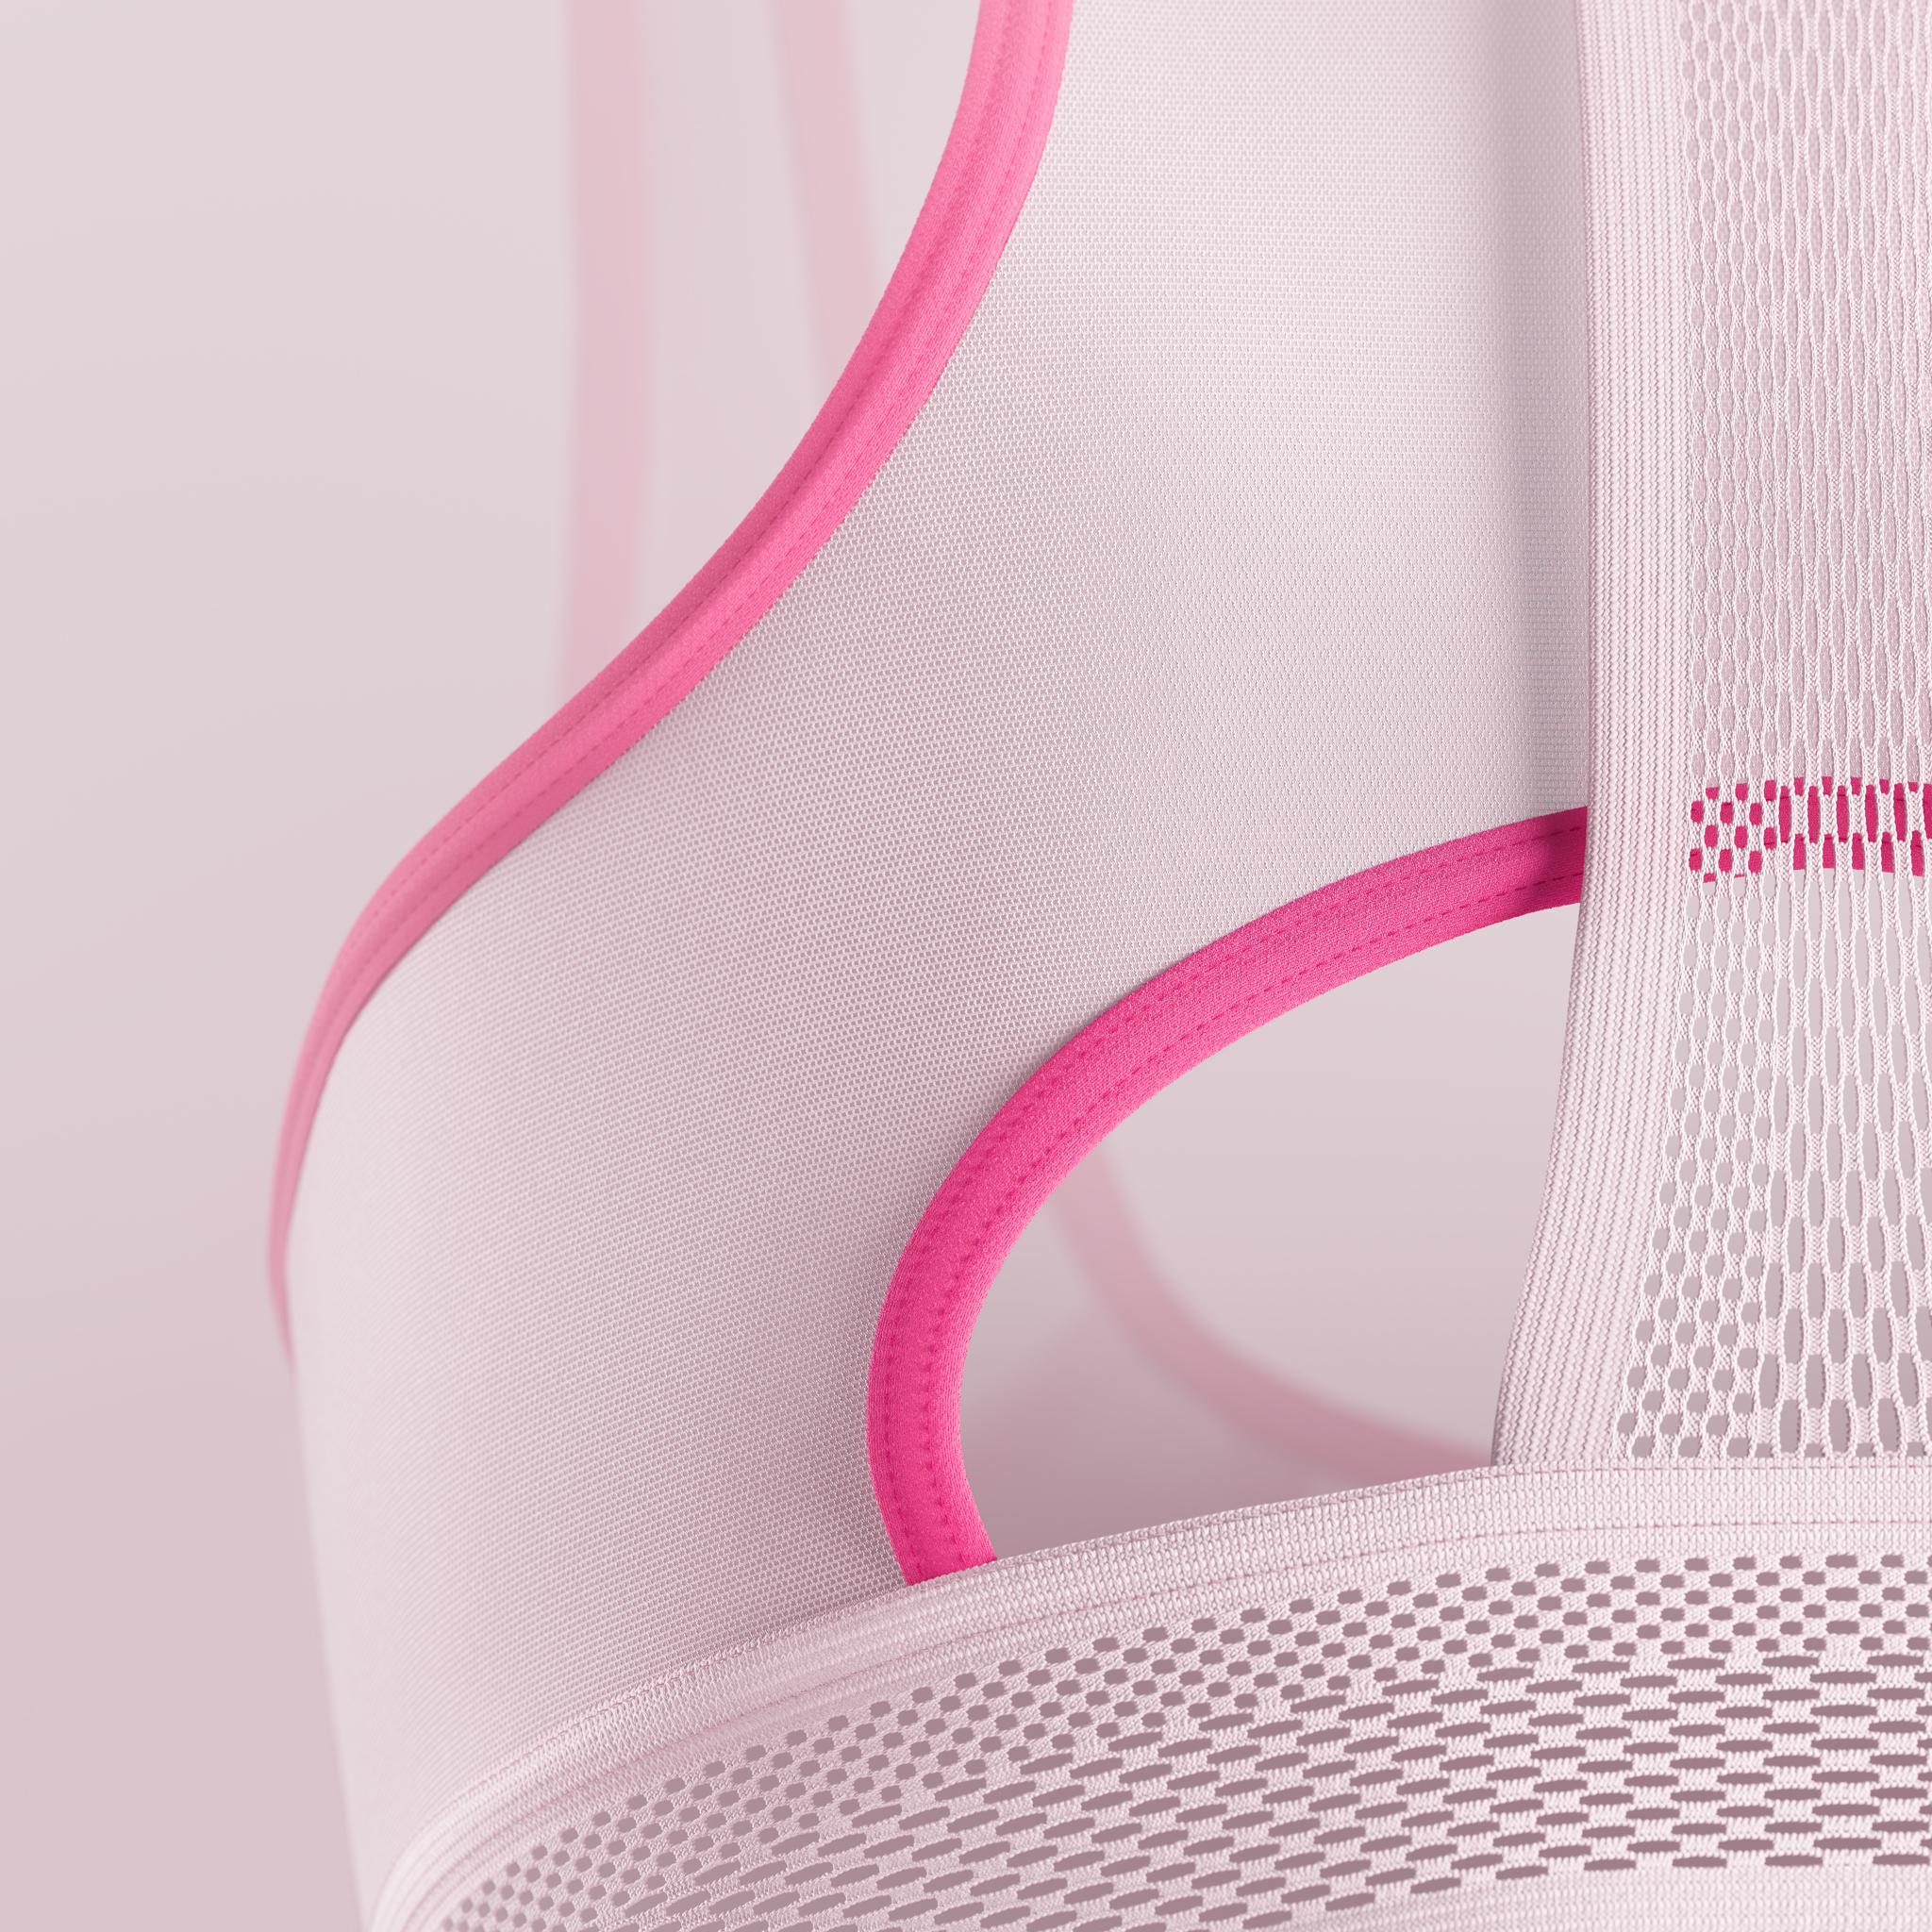 Nike_Ultrabreathe_Bra_Swoosh_Closeup_02_2K